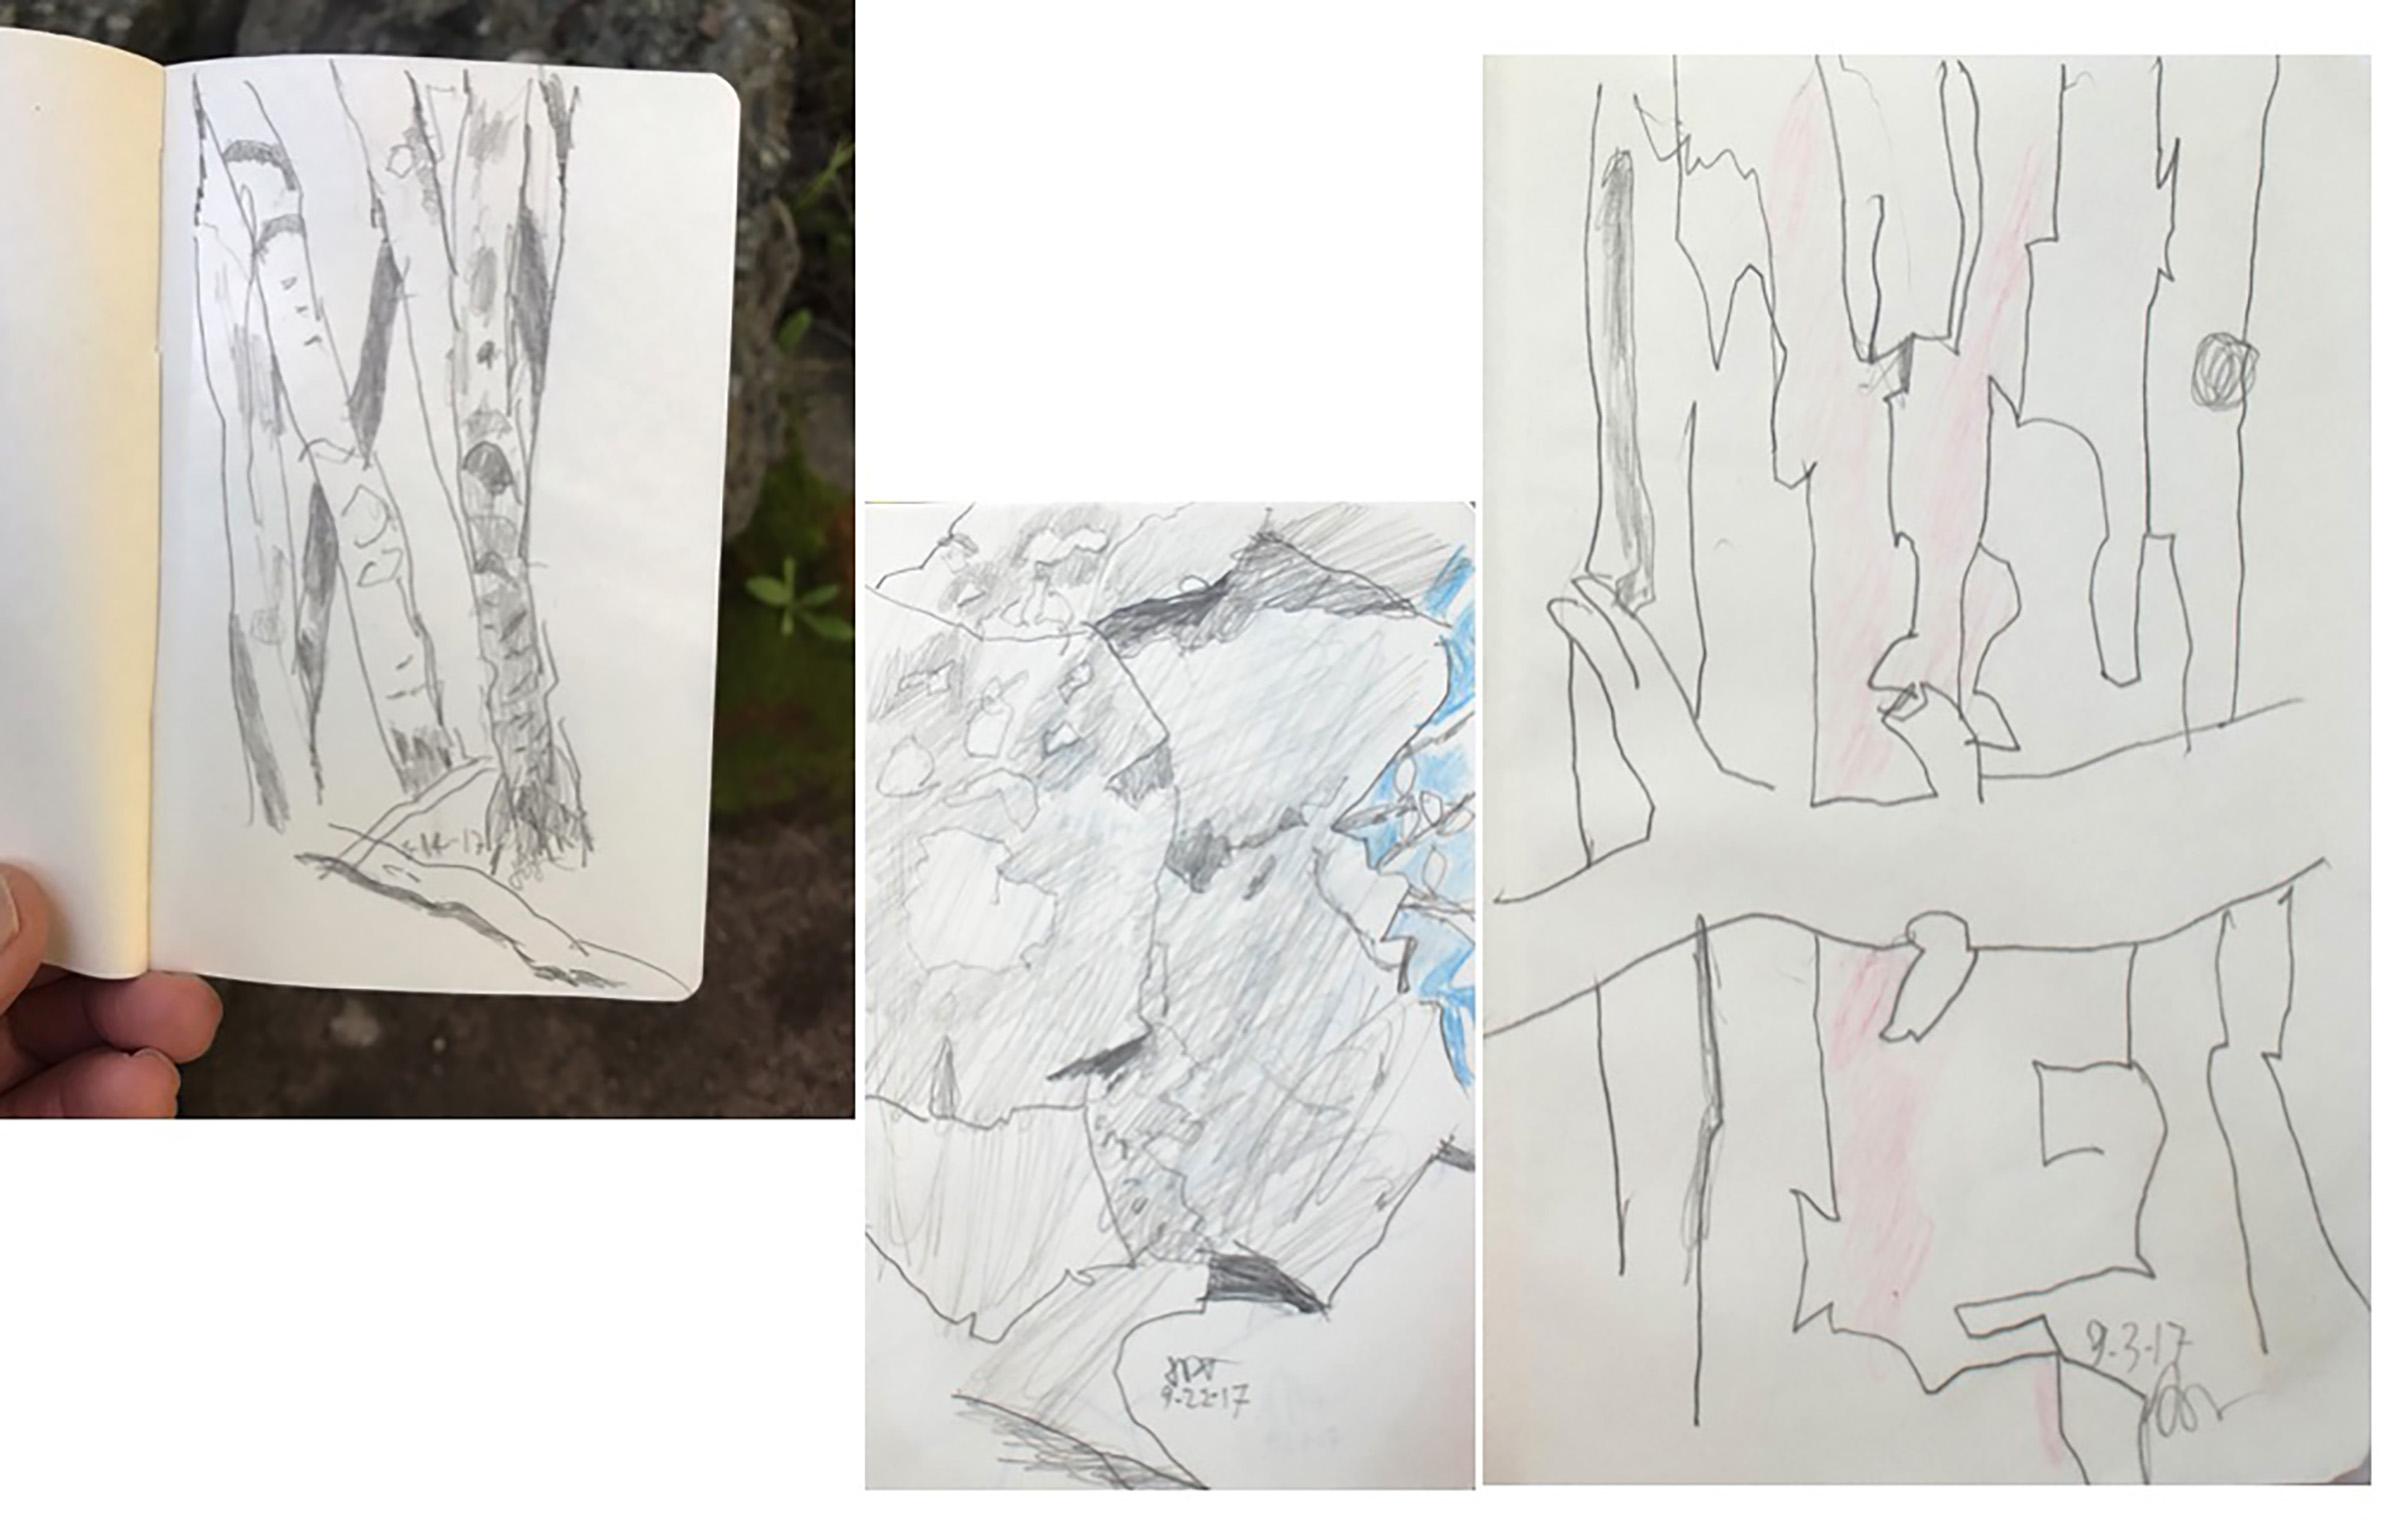 9-2017-3 trail drawings.jpg